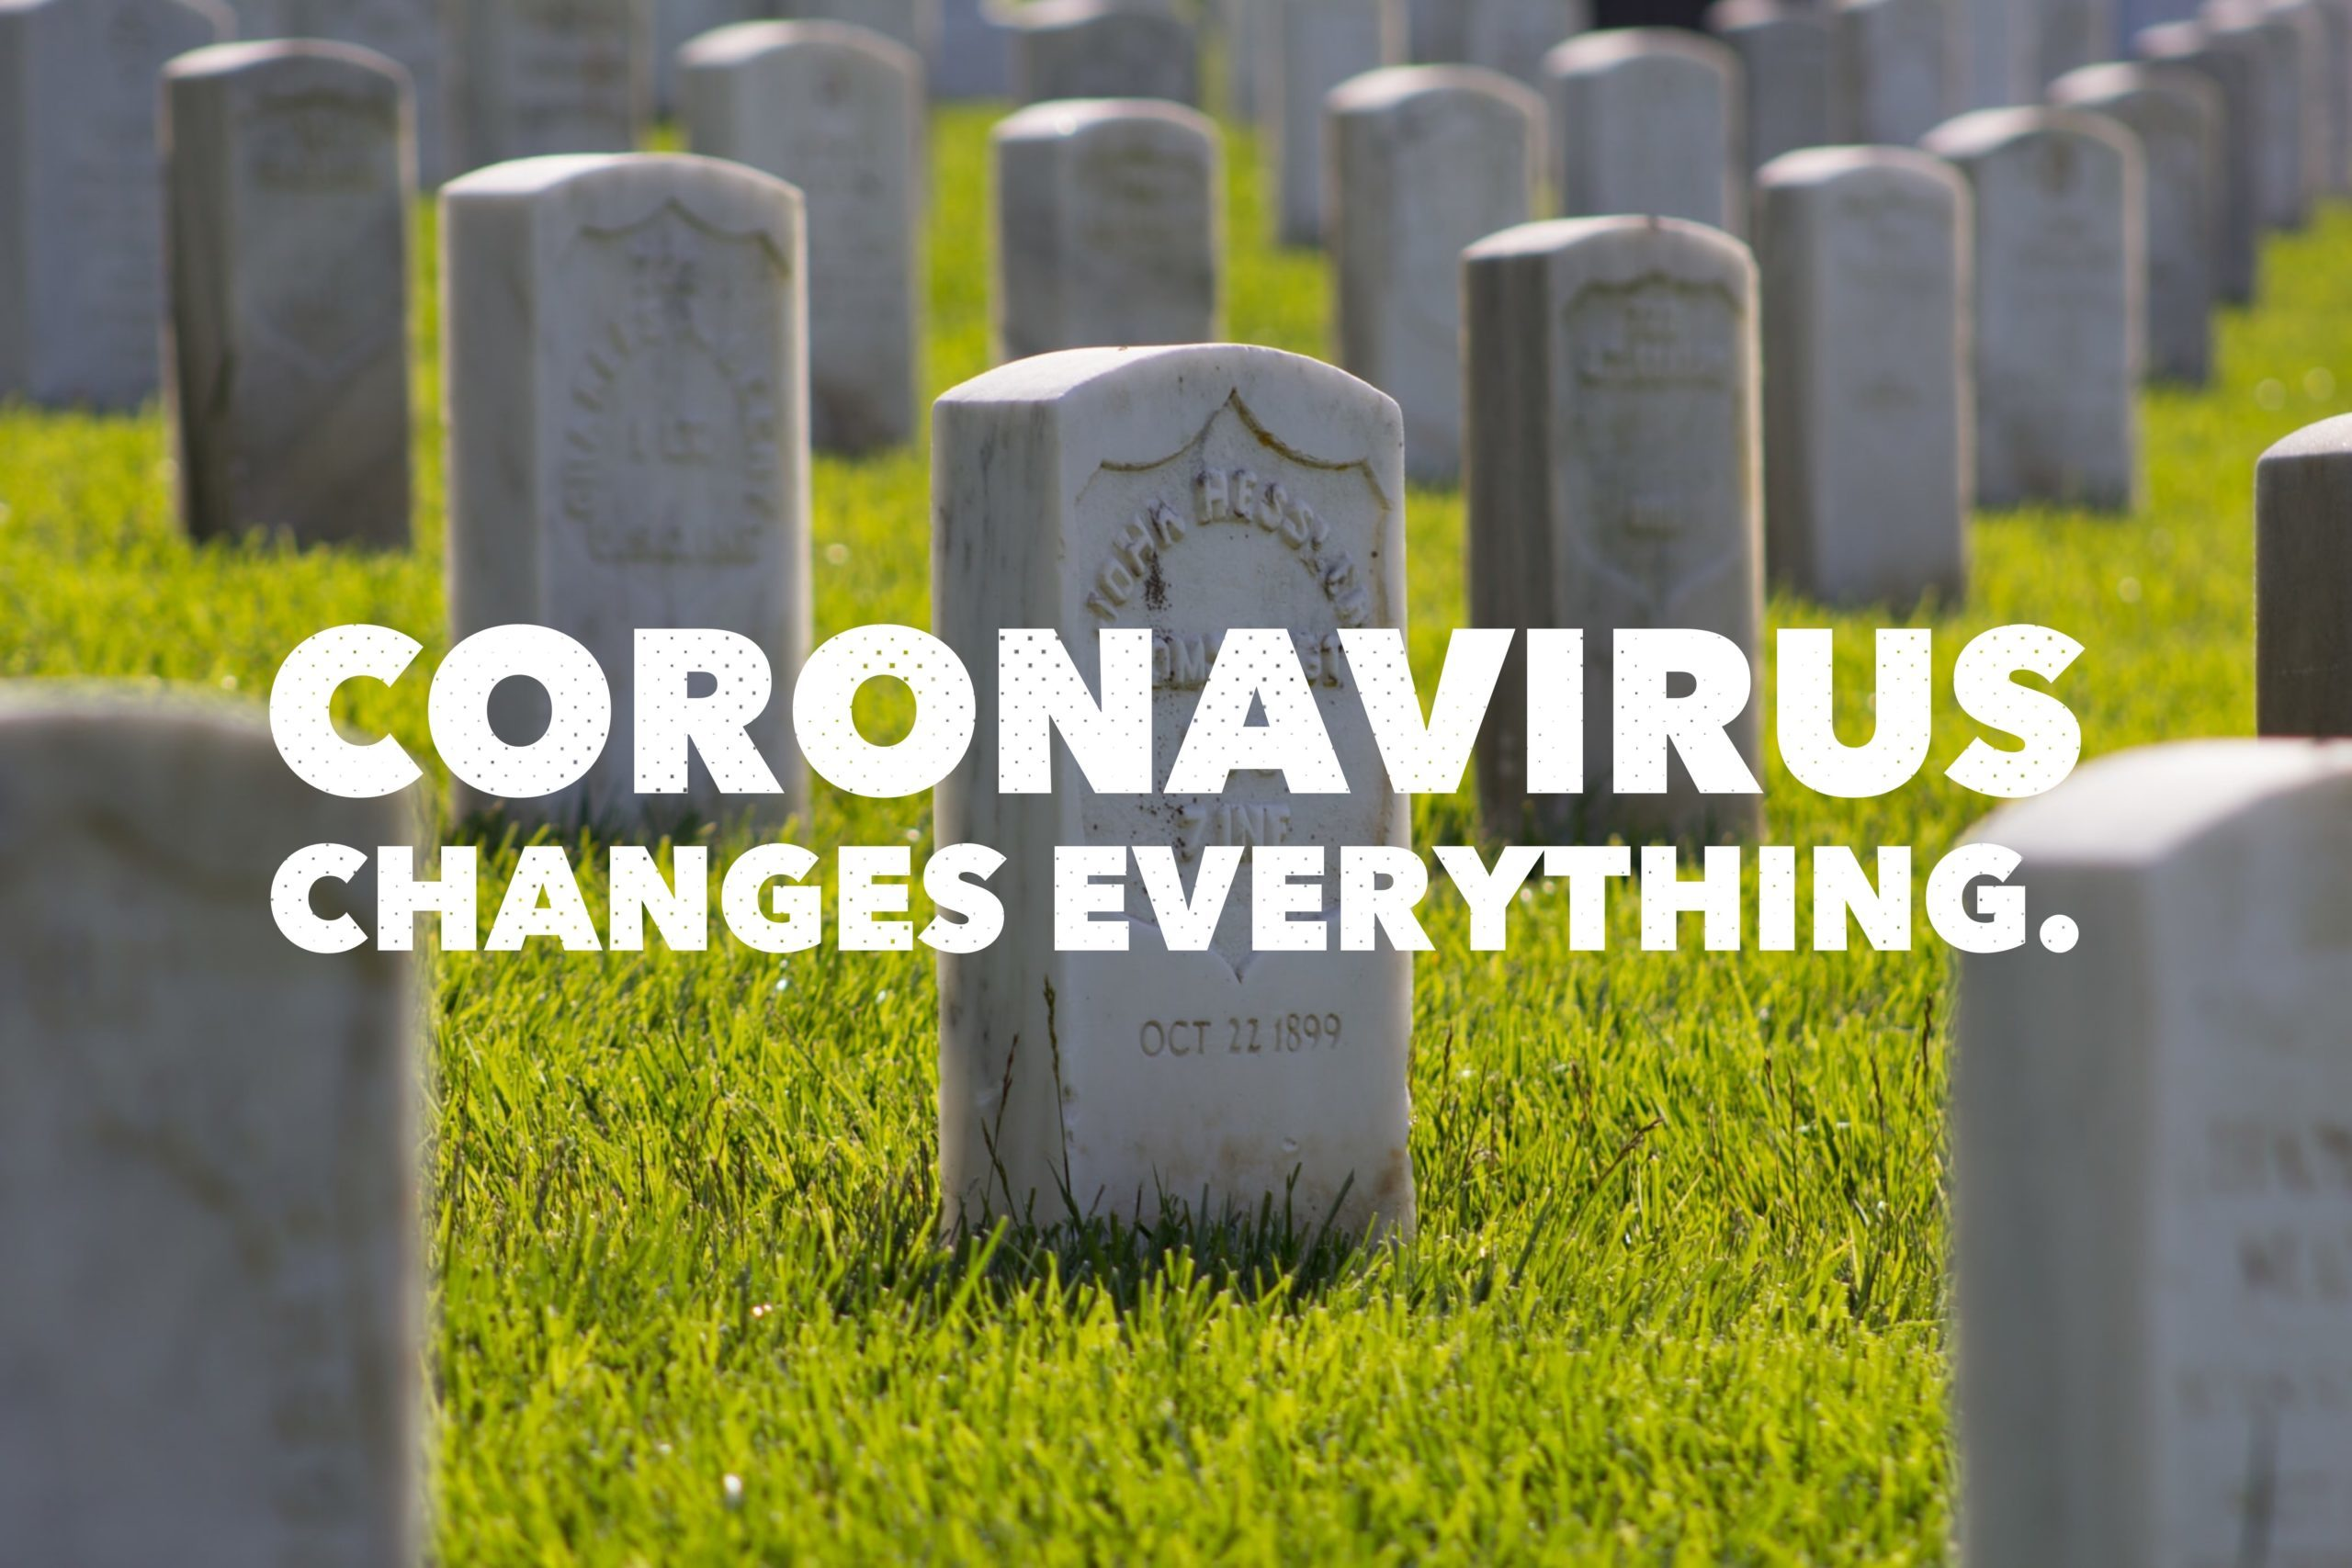 Coronavirus Changes Everything.